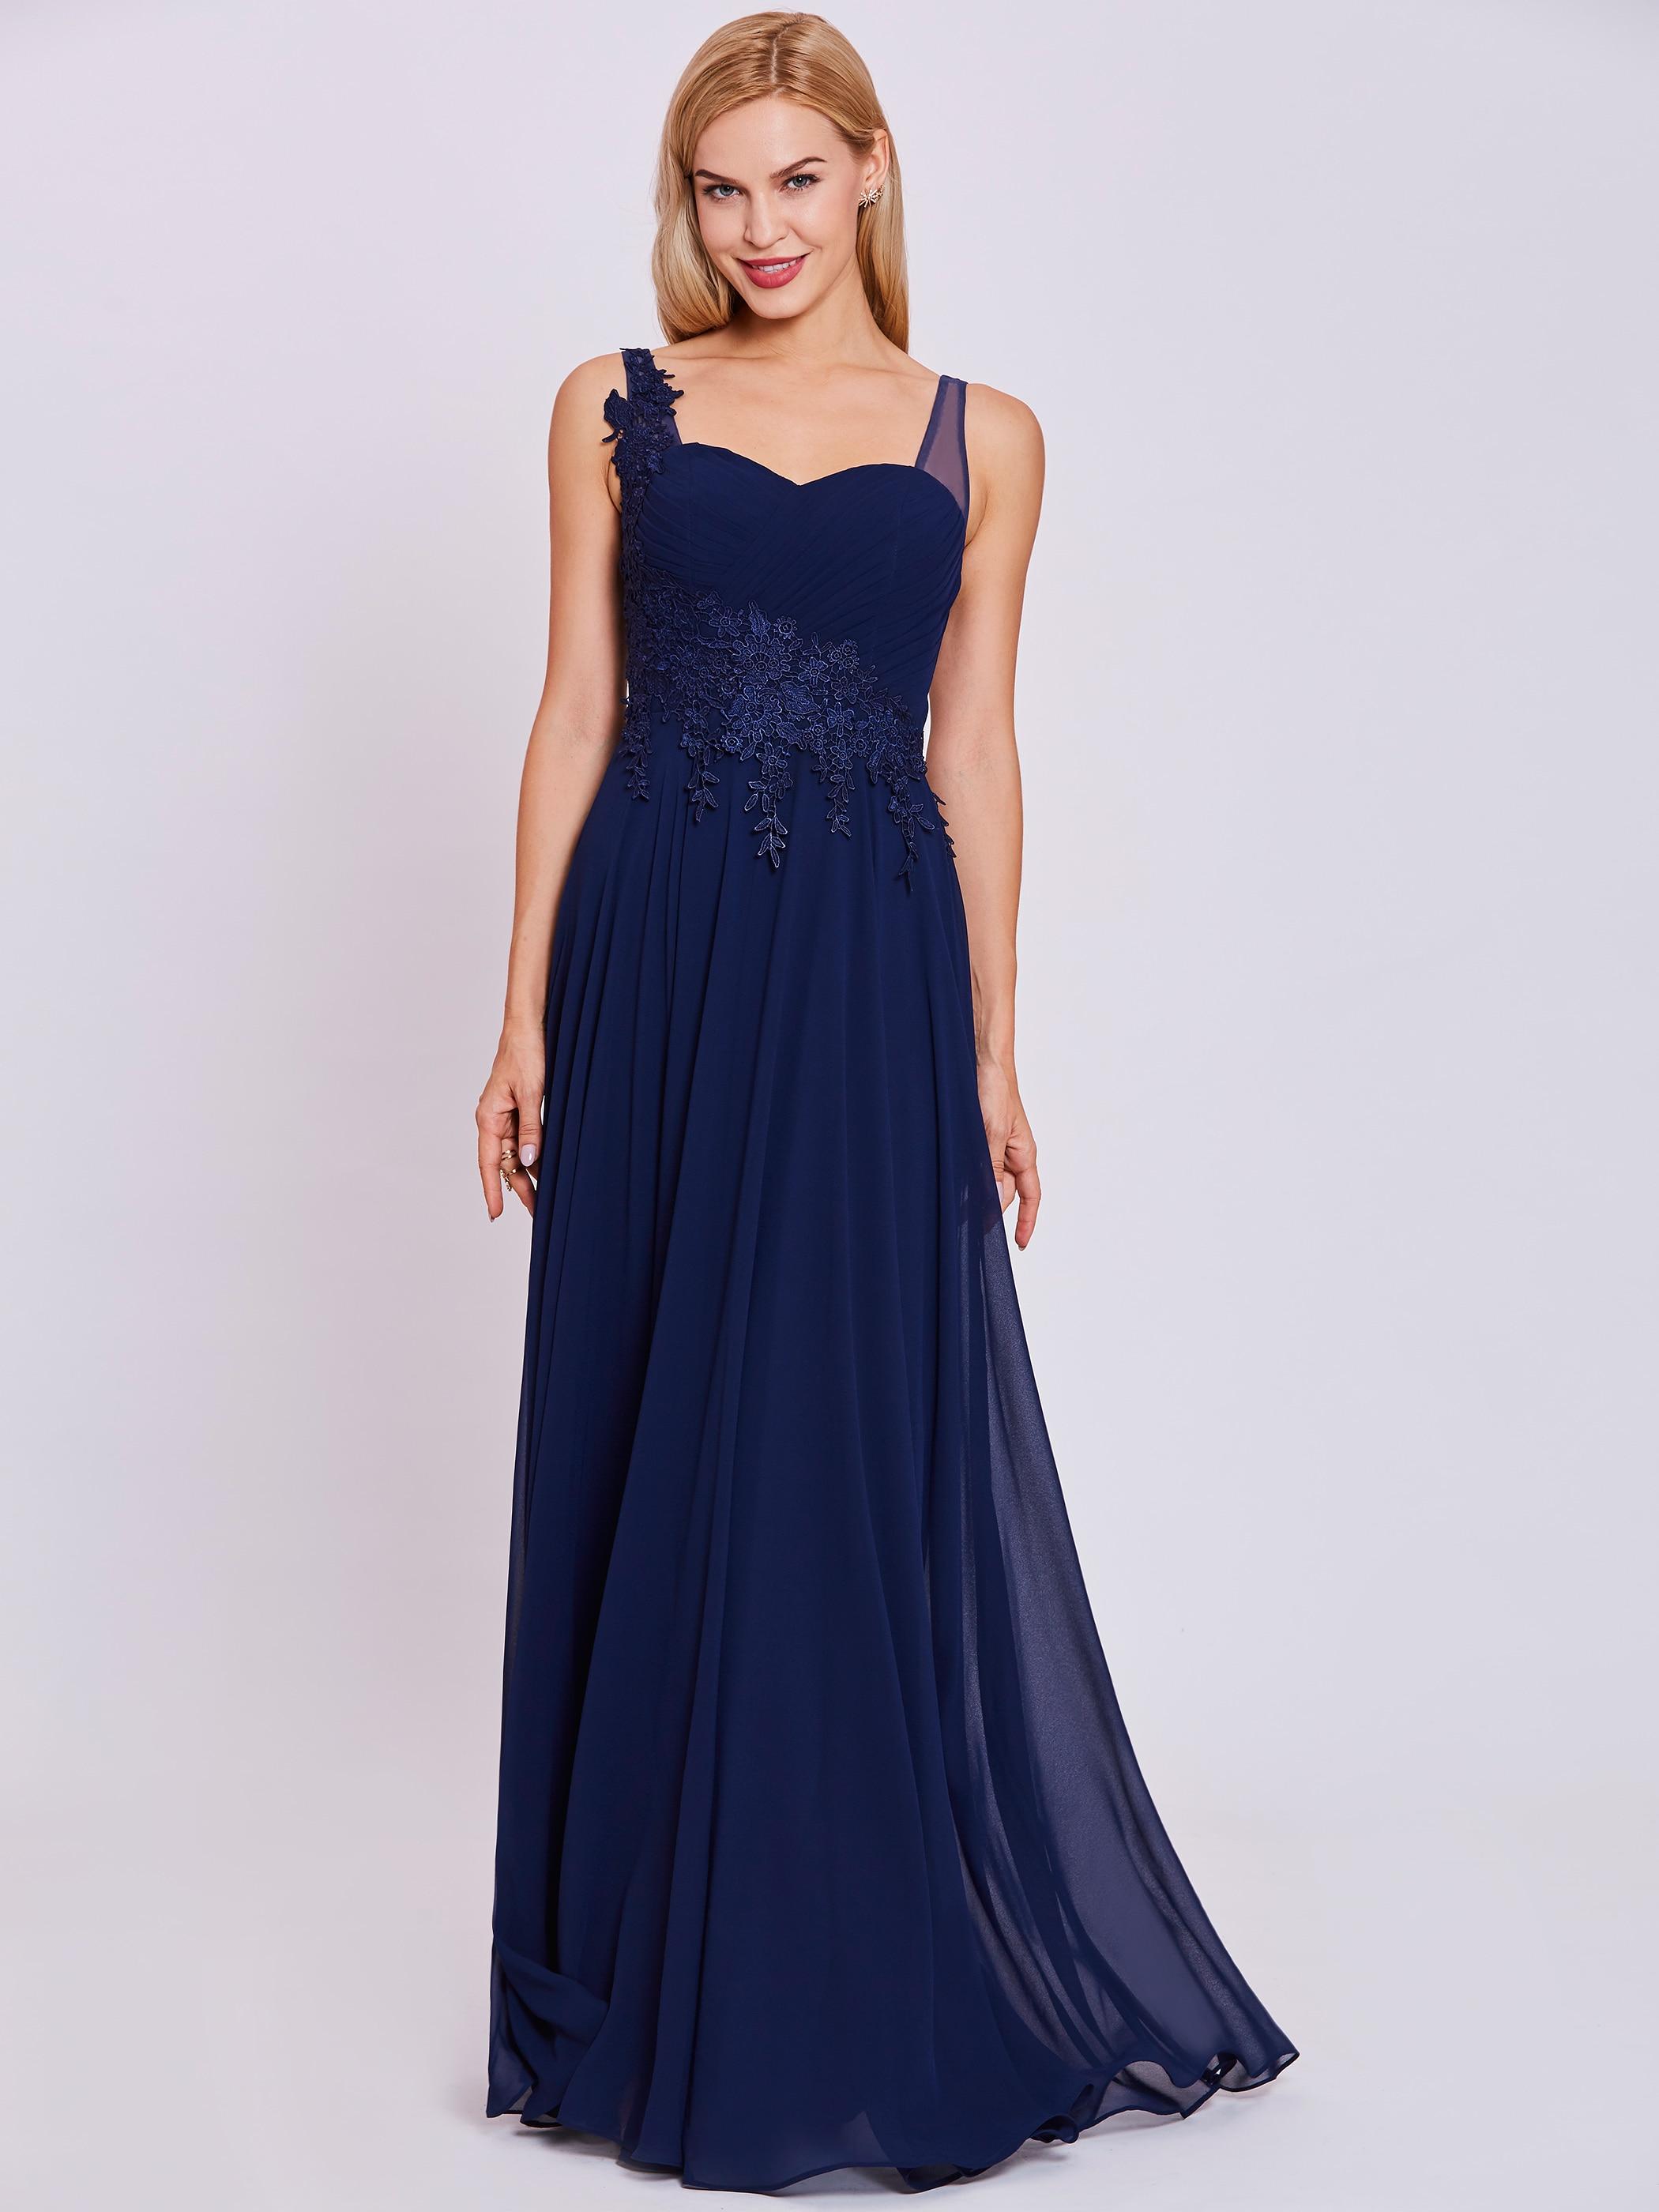 Dressv Straps Evening Dress Dark Royal Blue Sleeveless Floor Length A Line Gown Cheap Women Appliques Formal Long Evening Dress